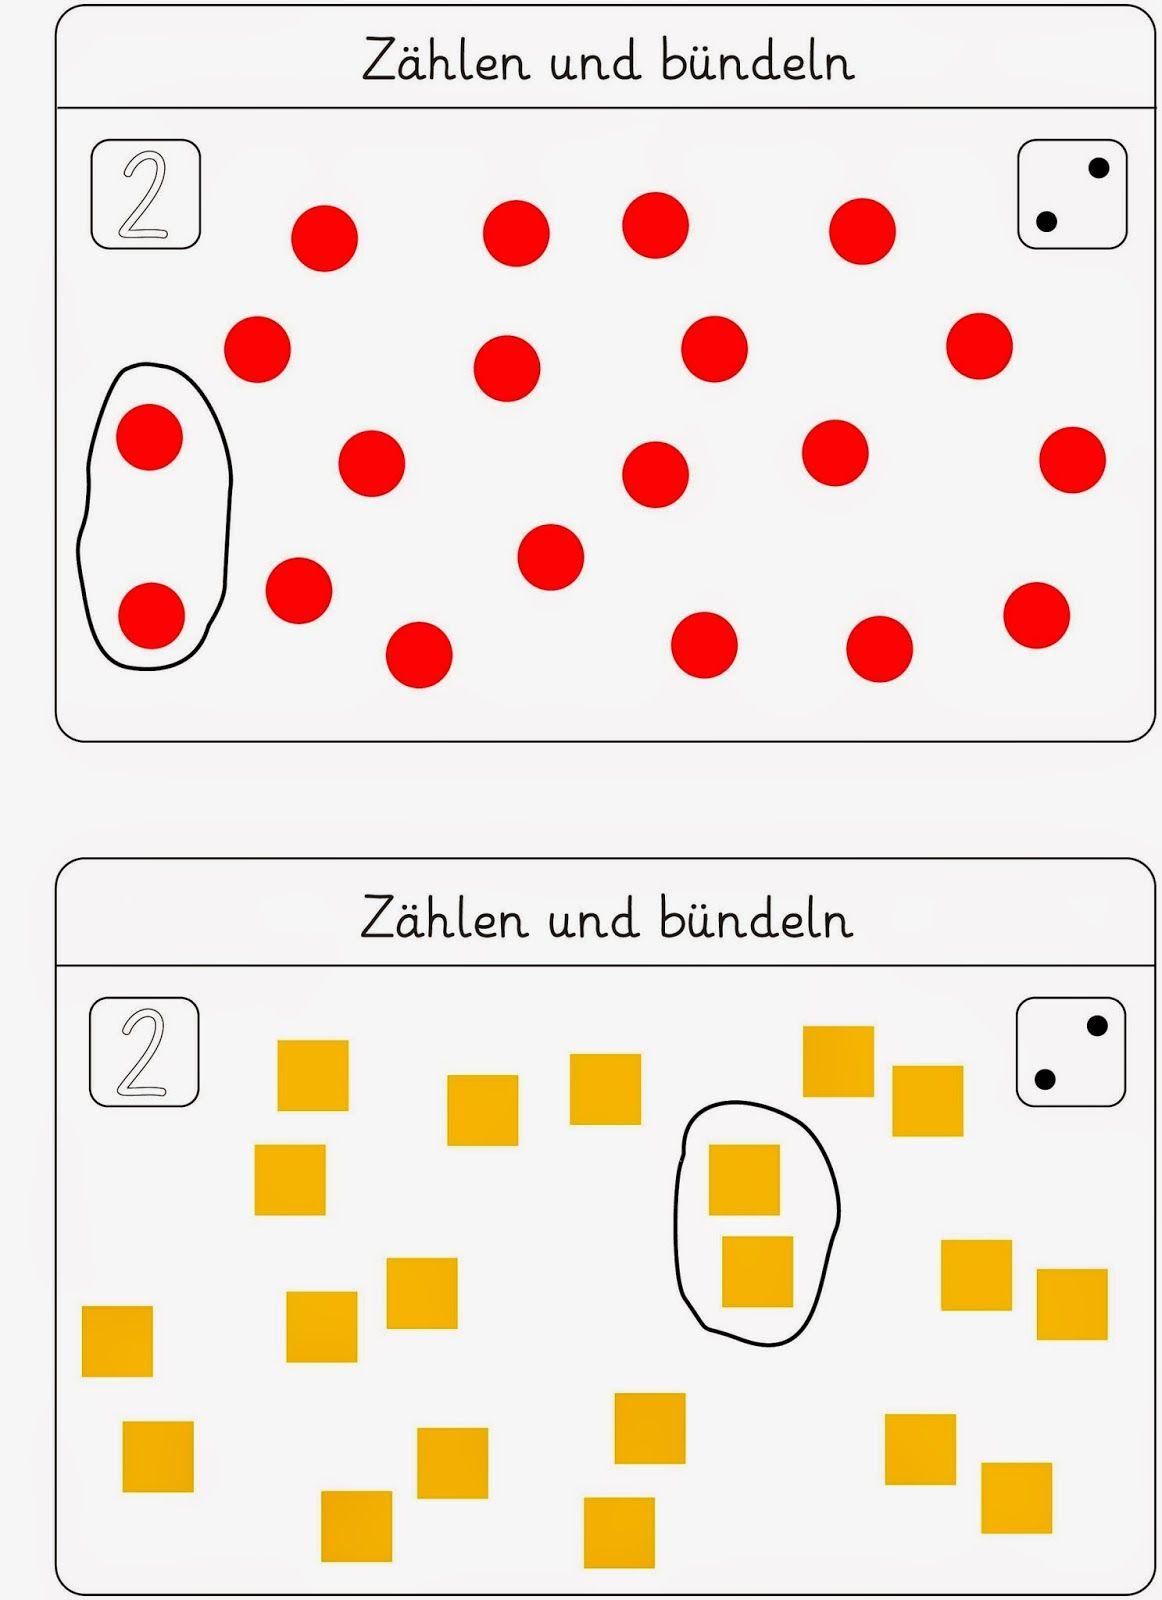 Bündeln - eine Kartei zum Fördern | Mathe 1 | Pinterest | Kartei ...